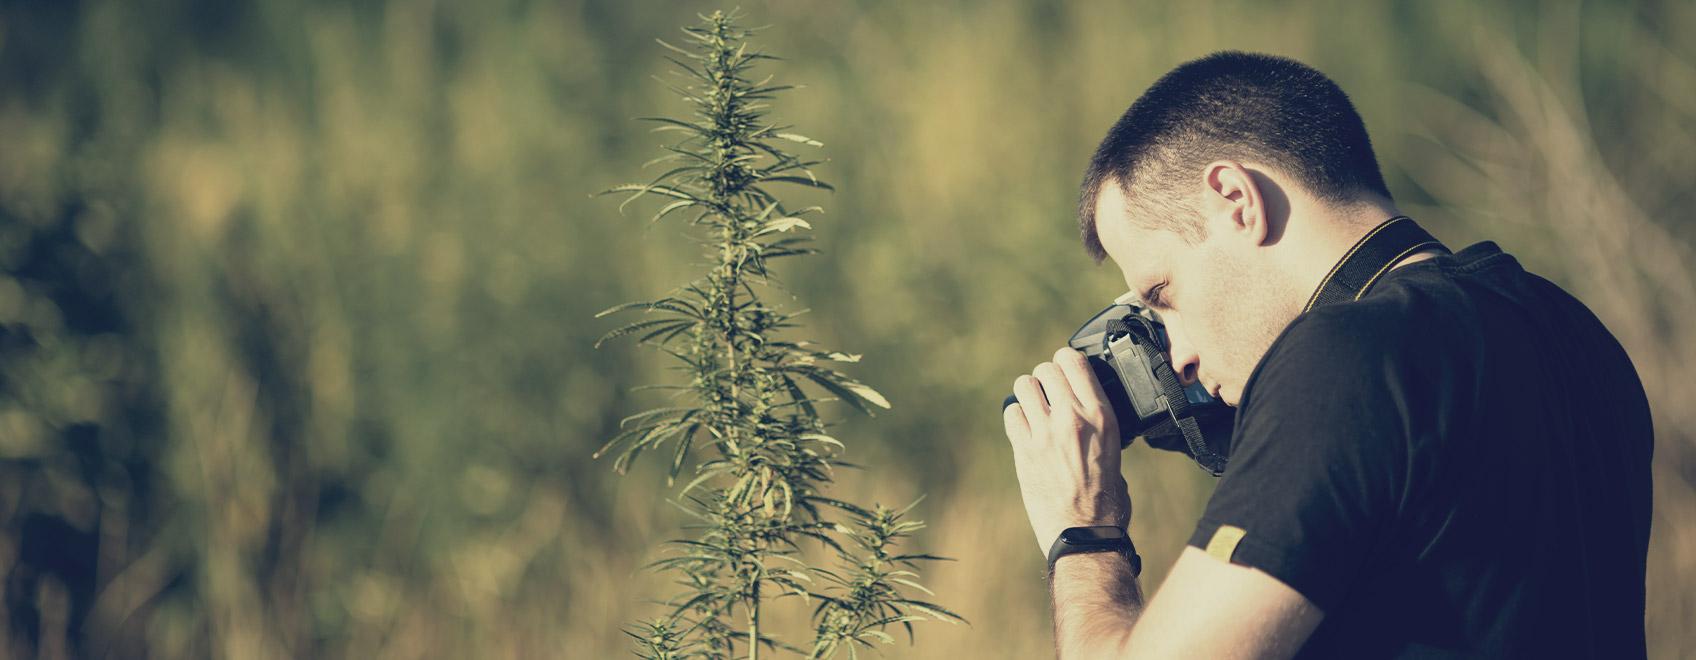 Können Sie uns Ihre Top-Tipps für kreative Cannabisbilder verraten?